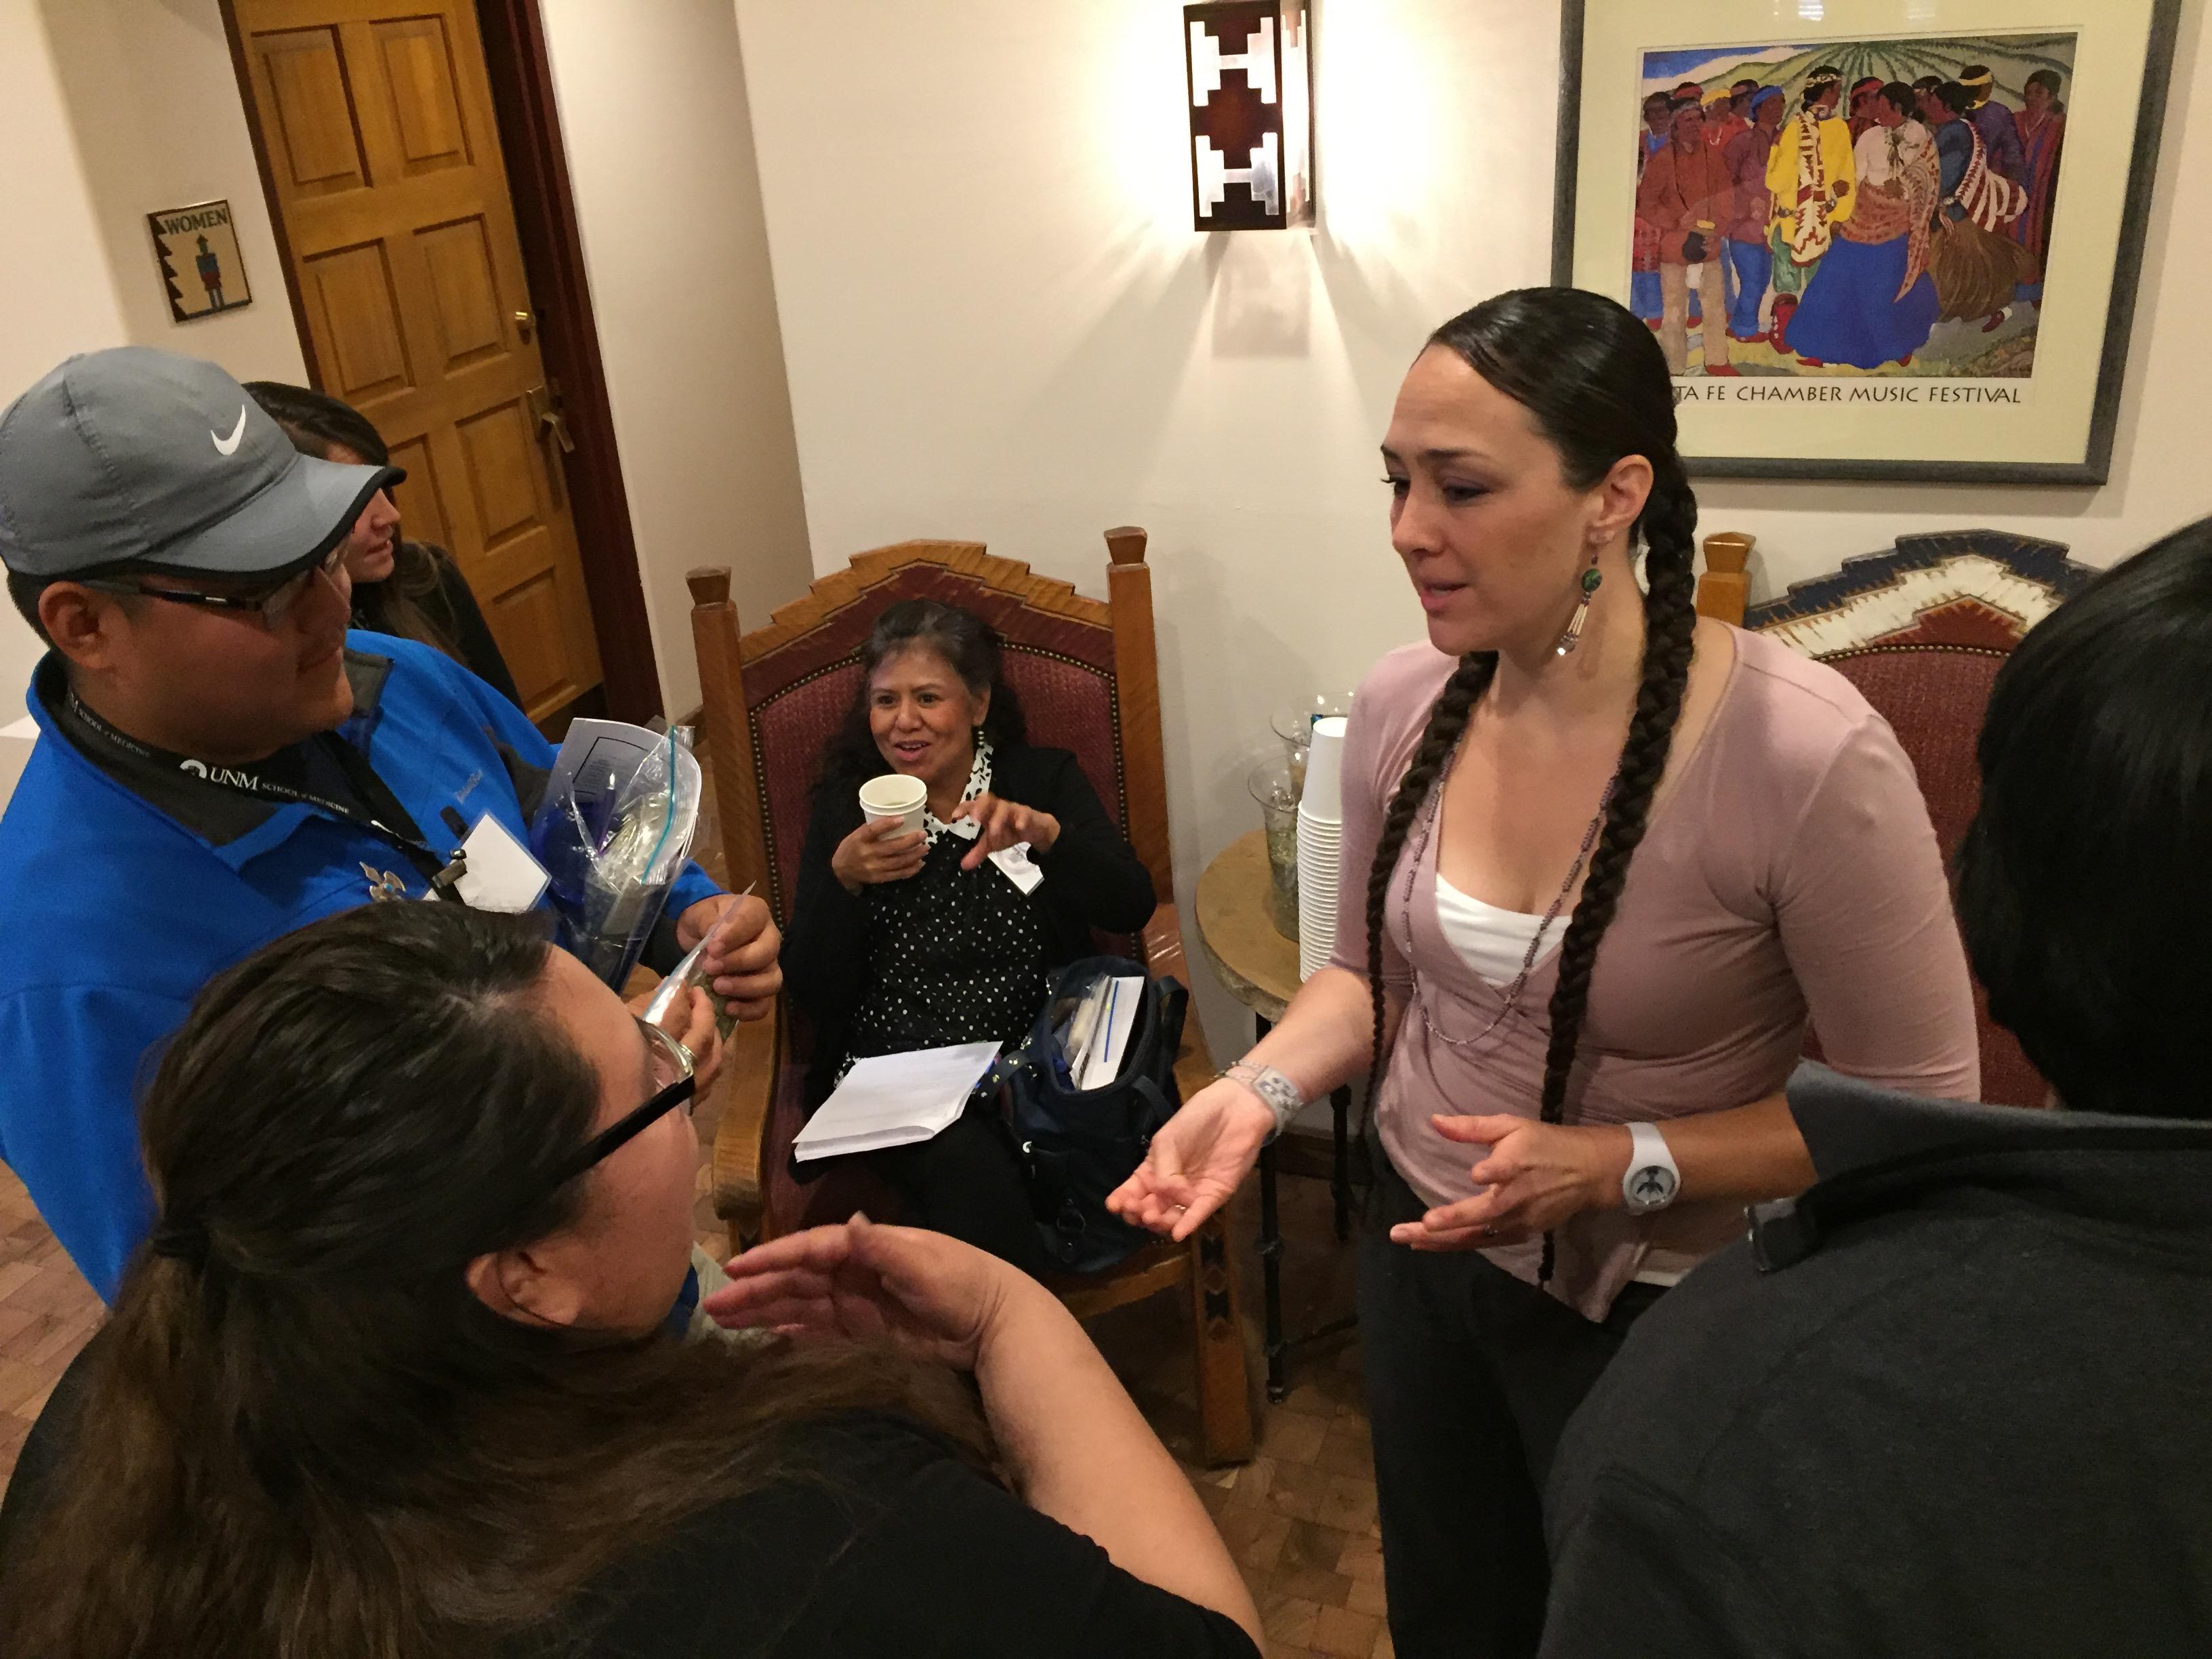 Les gens discutent dans un couloir bondé.